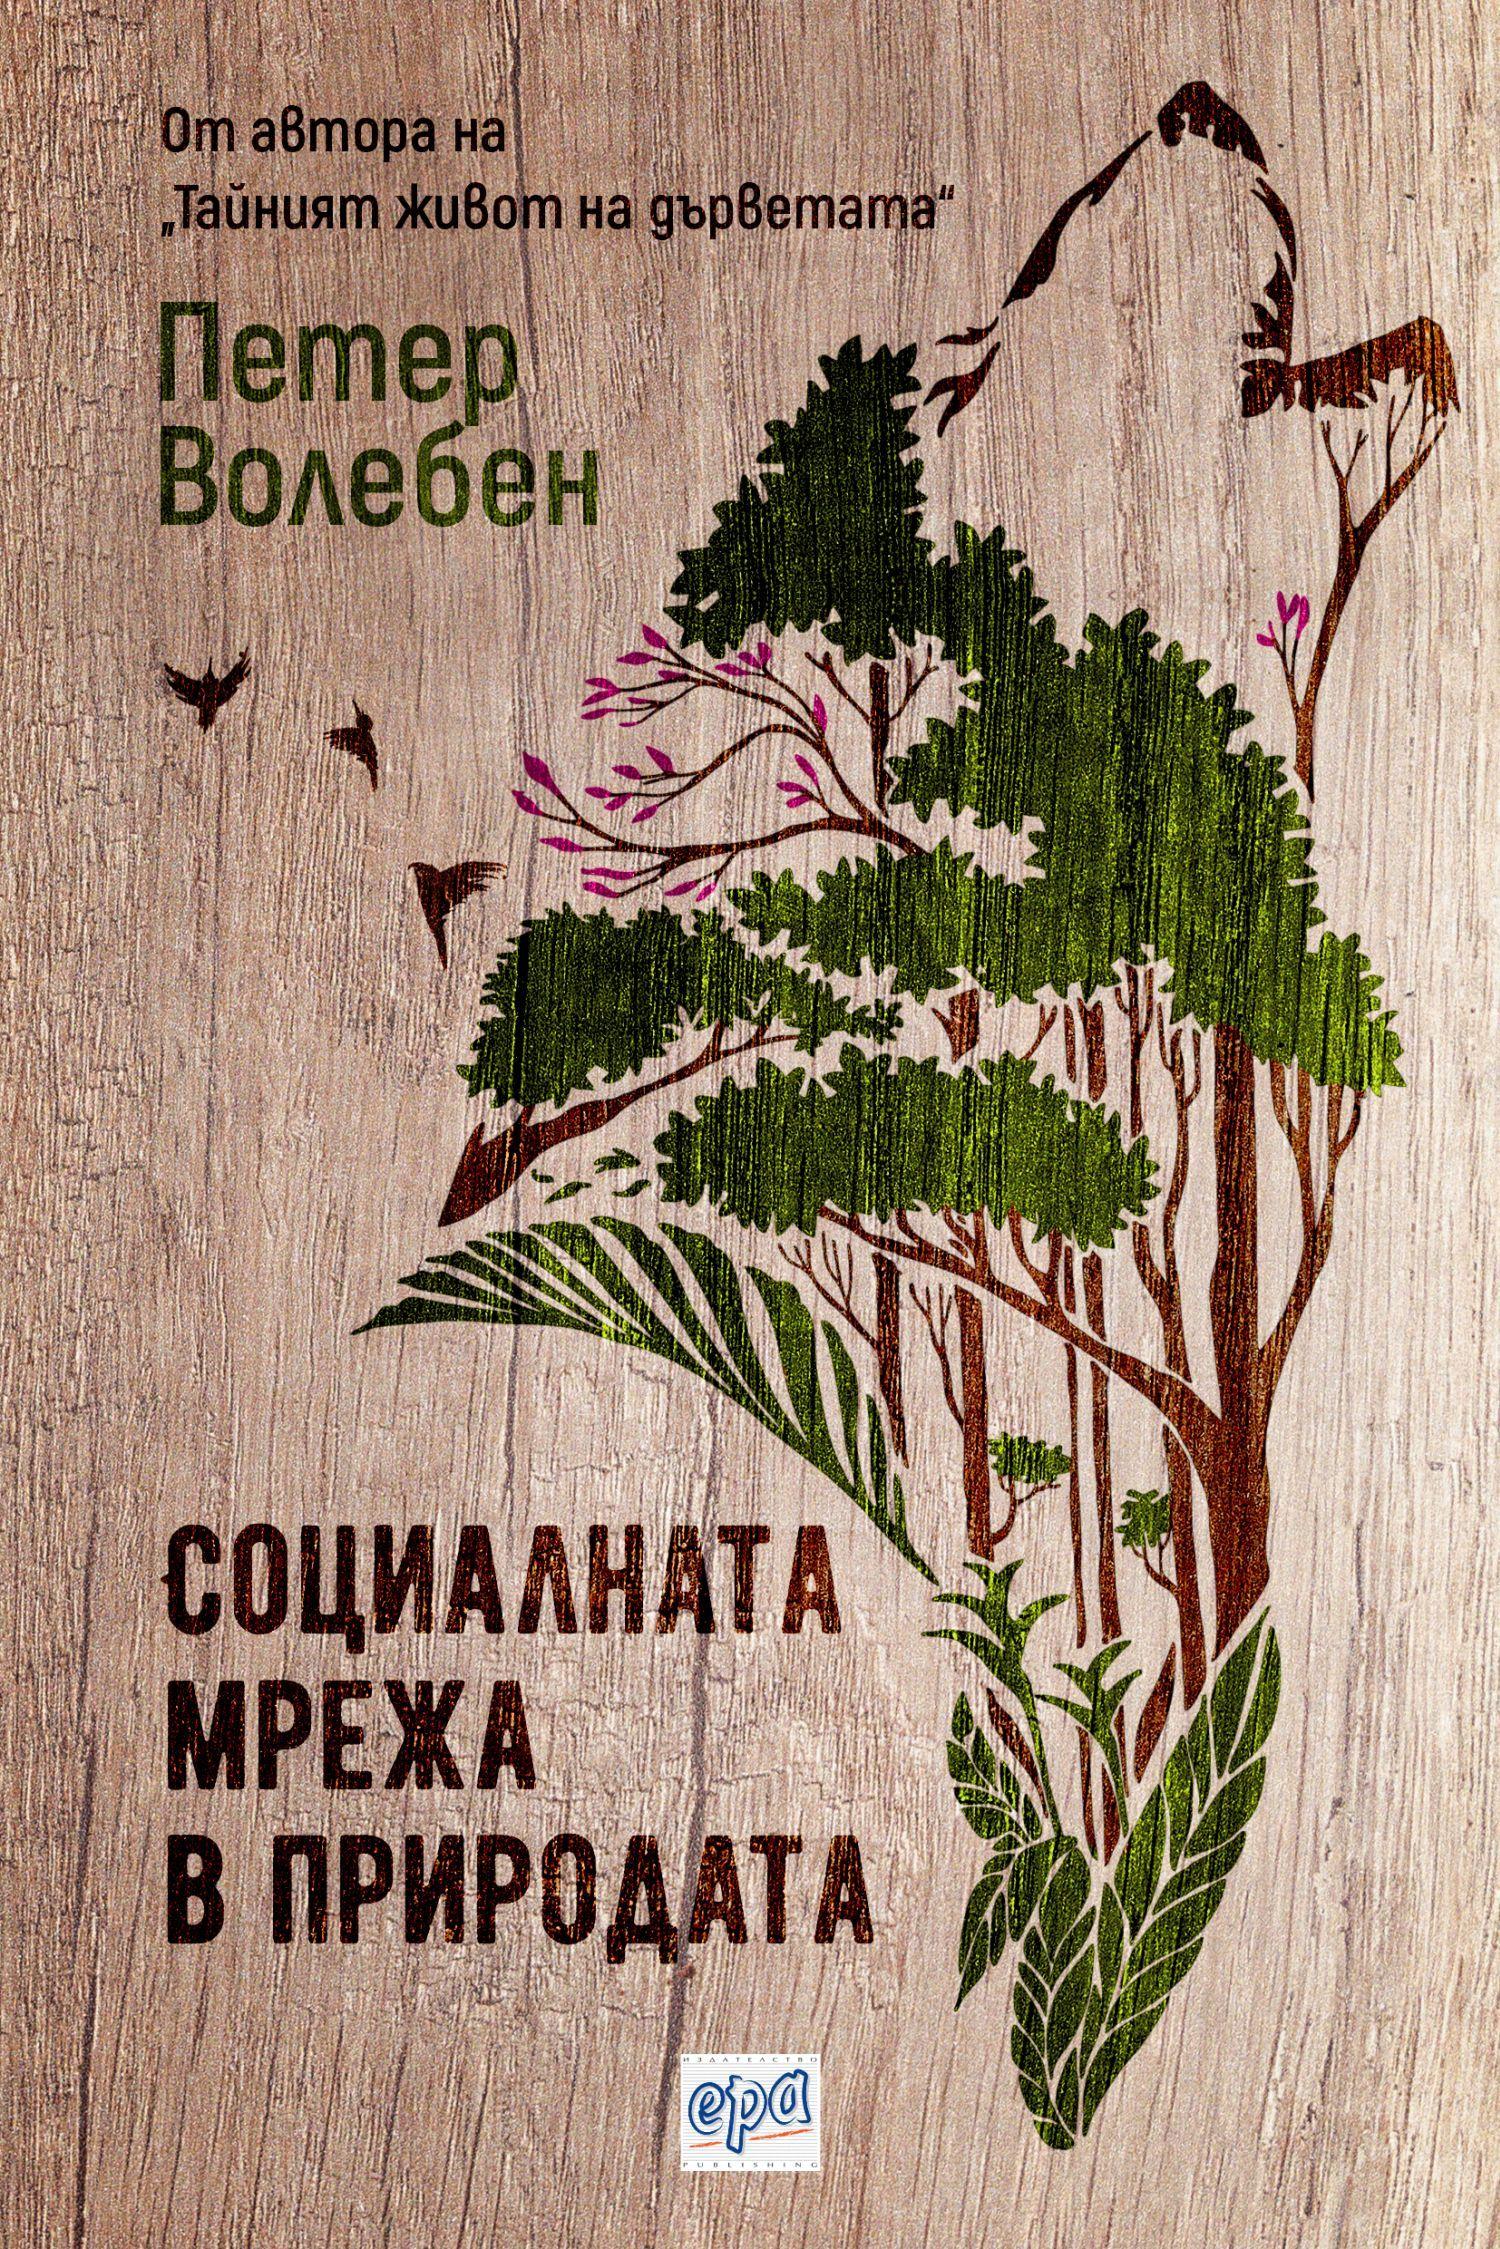 socialnata-mrezha-v-prirodata - 1